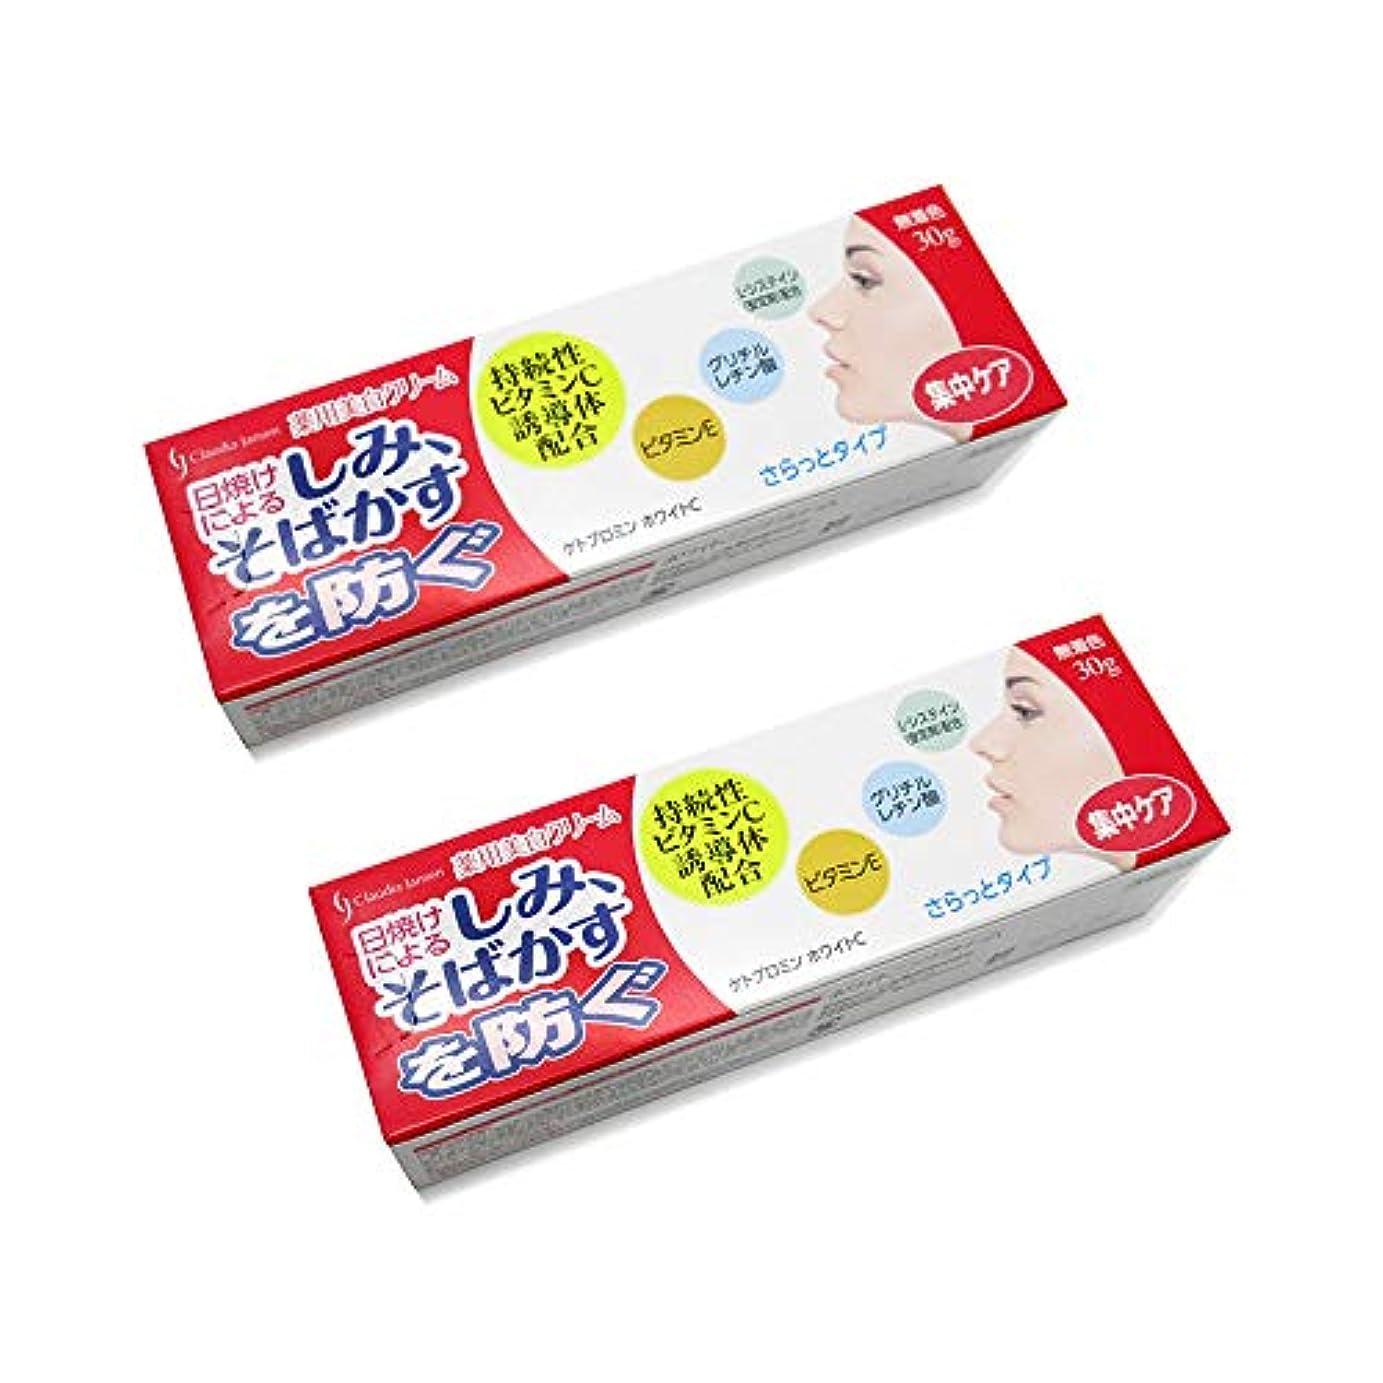 特派員ベットヒューム薬用ホワイトニングクリームC 30g 2個セット 美白クリーム 薬用 美白クリーム 美白ケア 医薬部外品